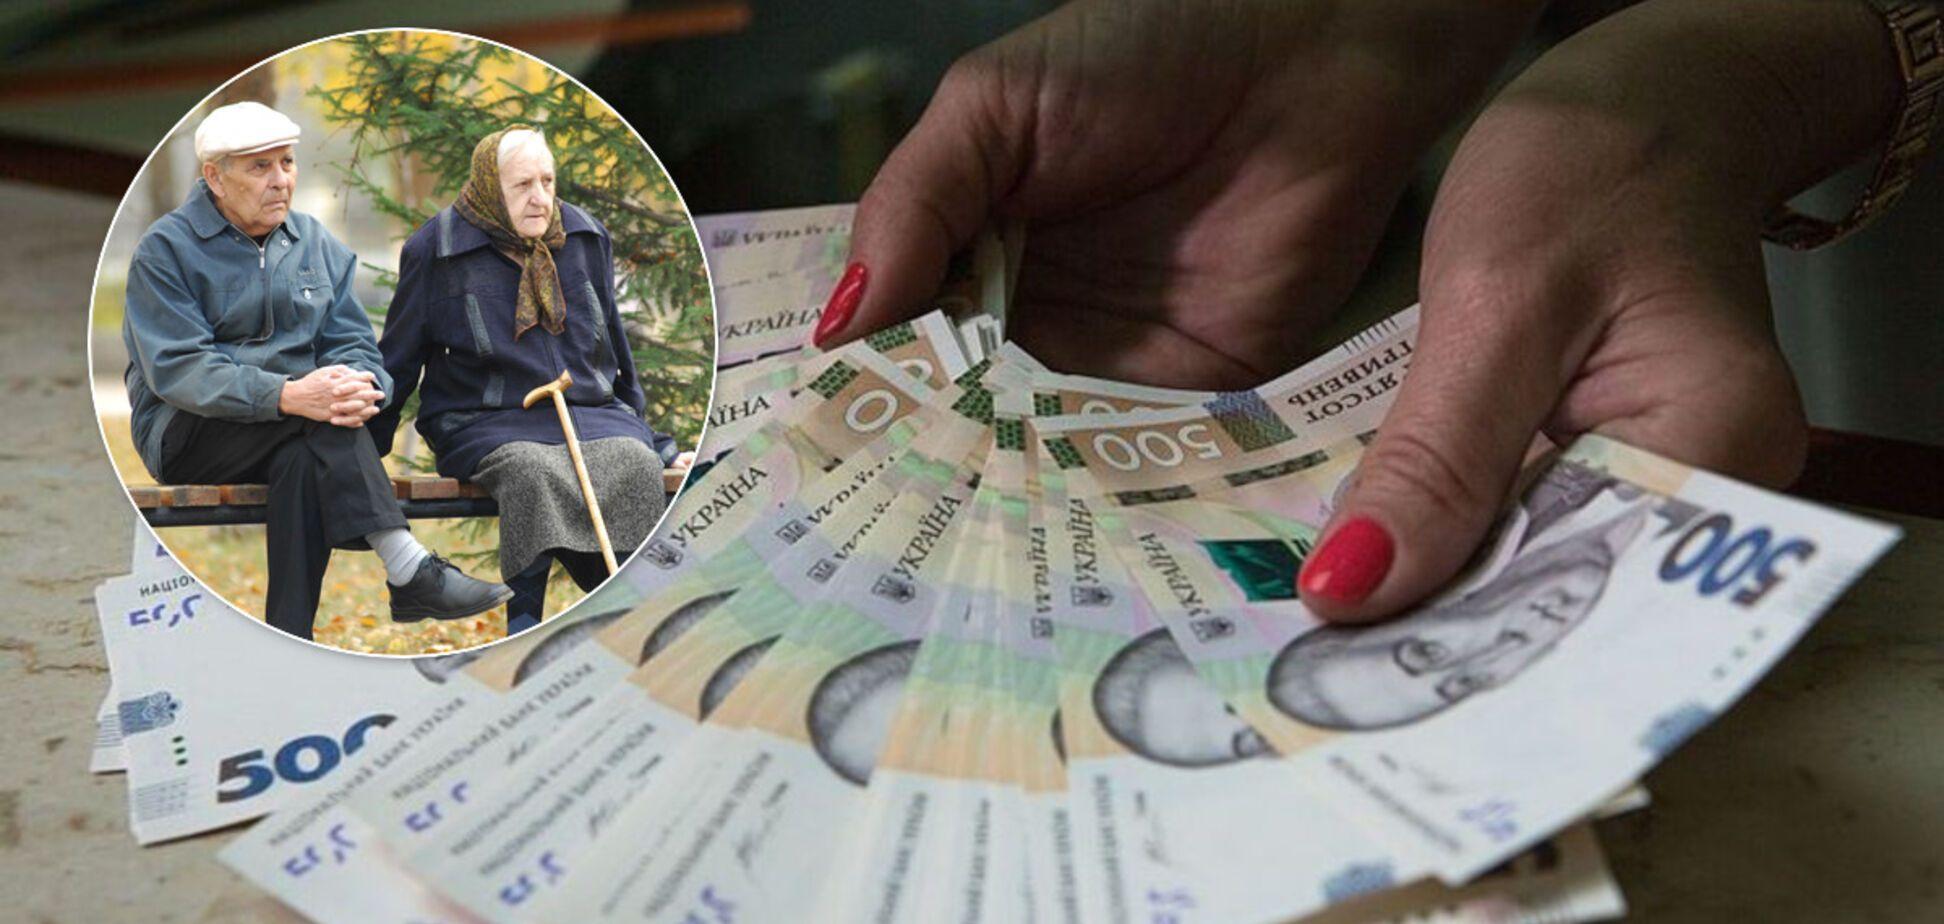 Пенсионный фонд направил деньги на выплату 1000 грн пенсионерам: когда и как получить деньги